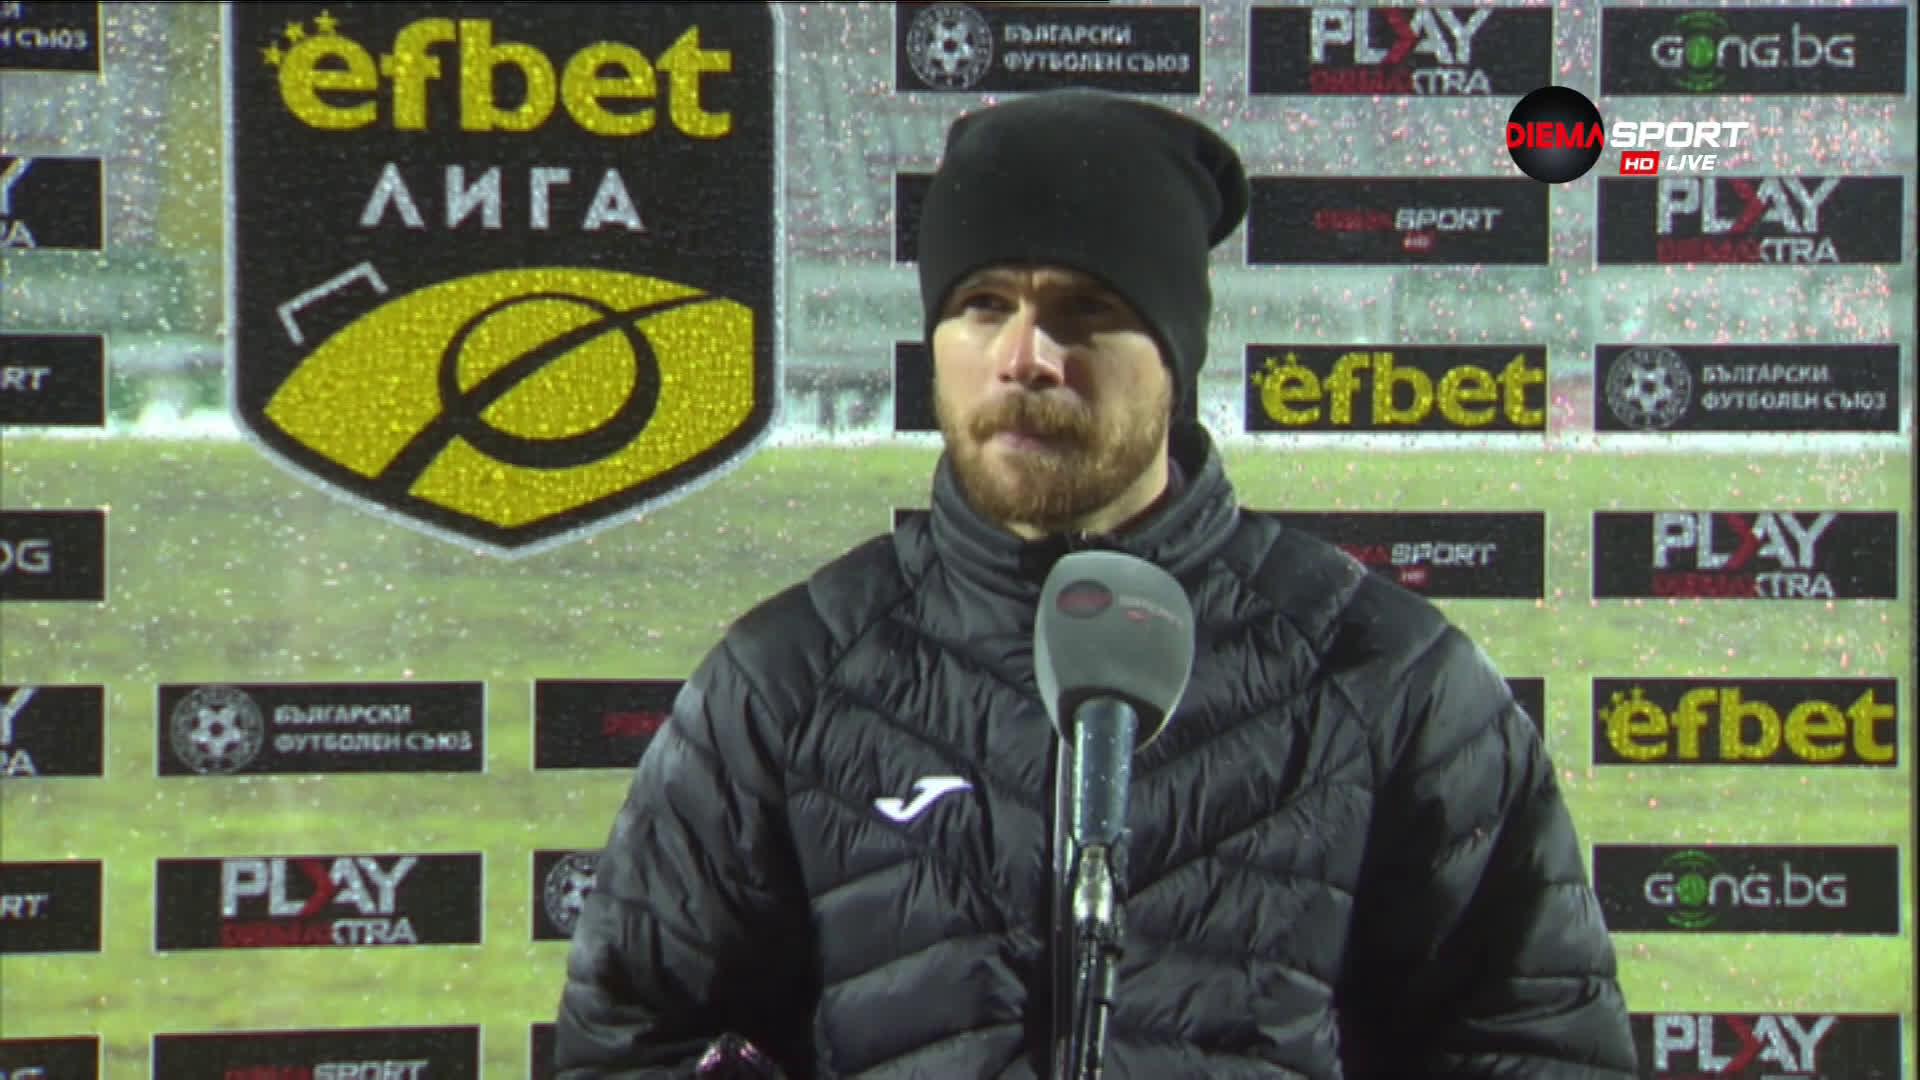 Радослав Кирилов: Беше тежко за игра, но 3-те точки бяха най-важни